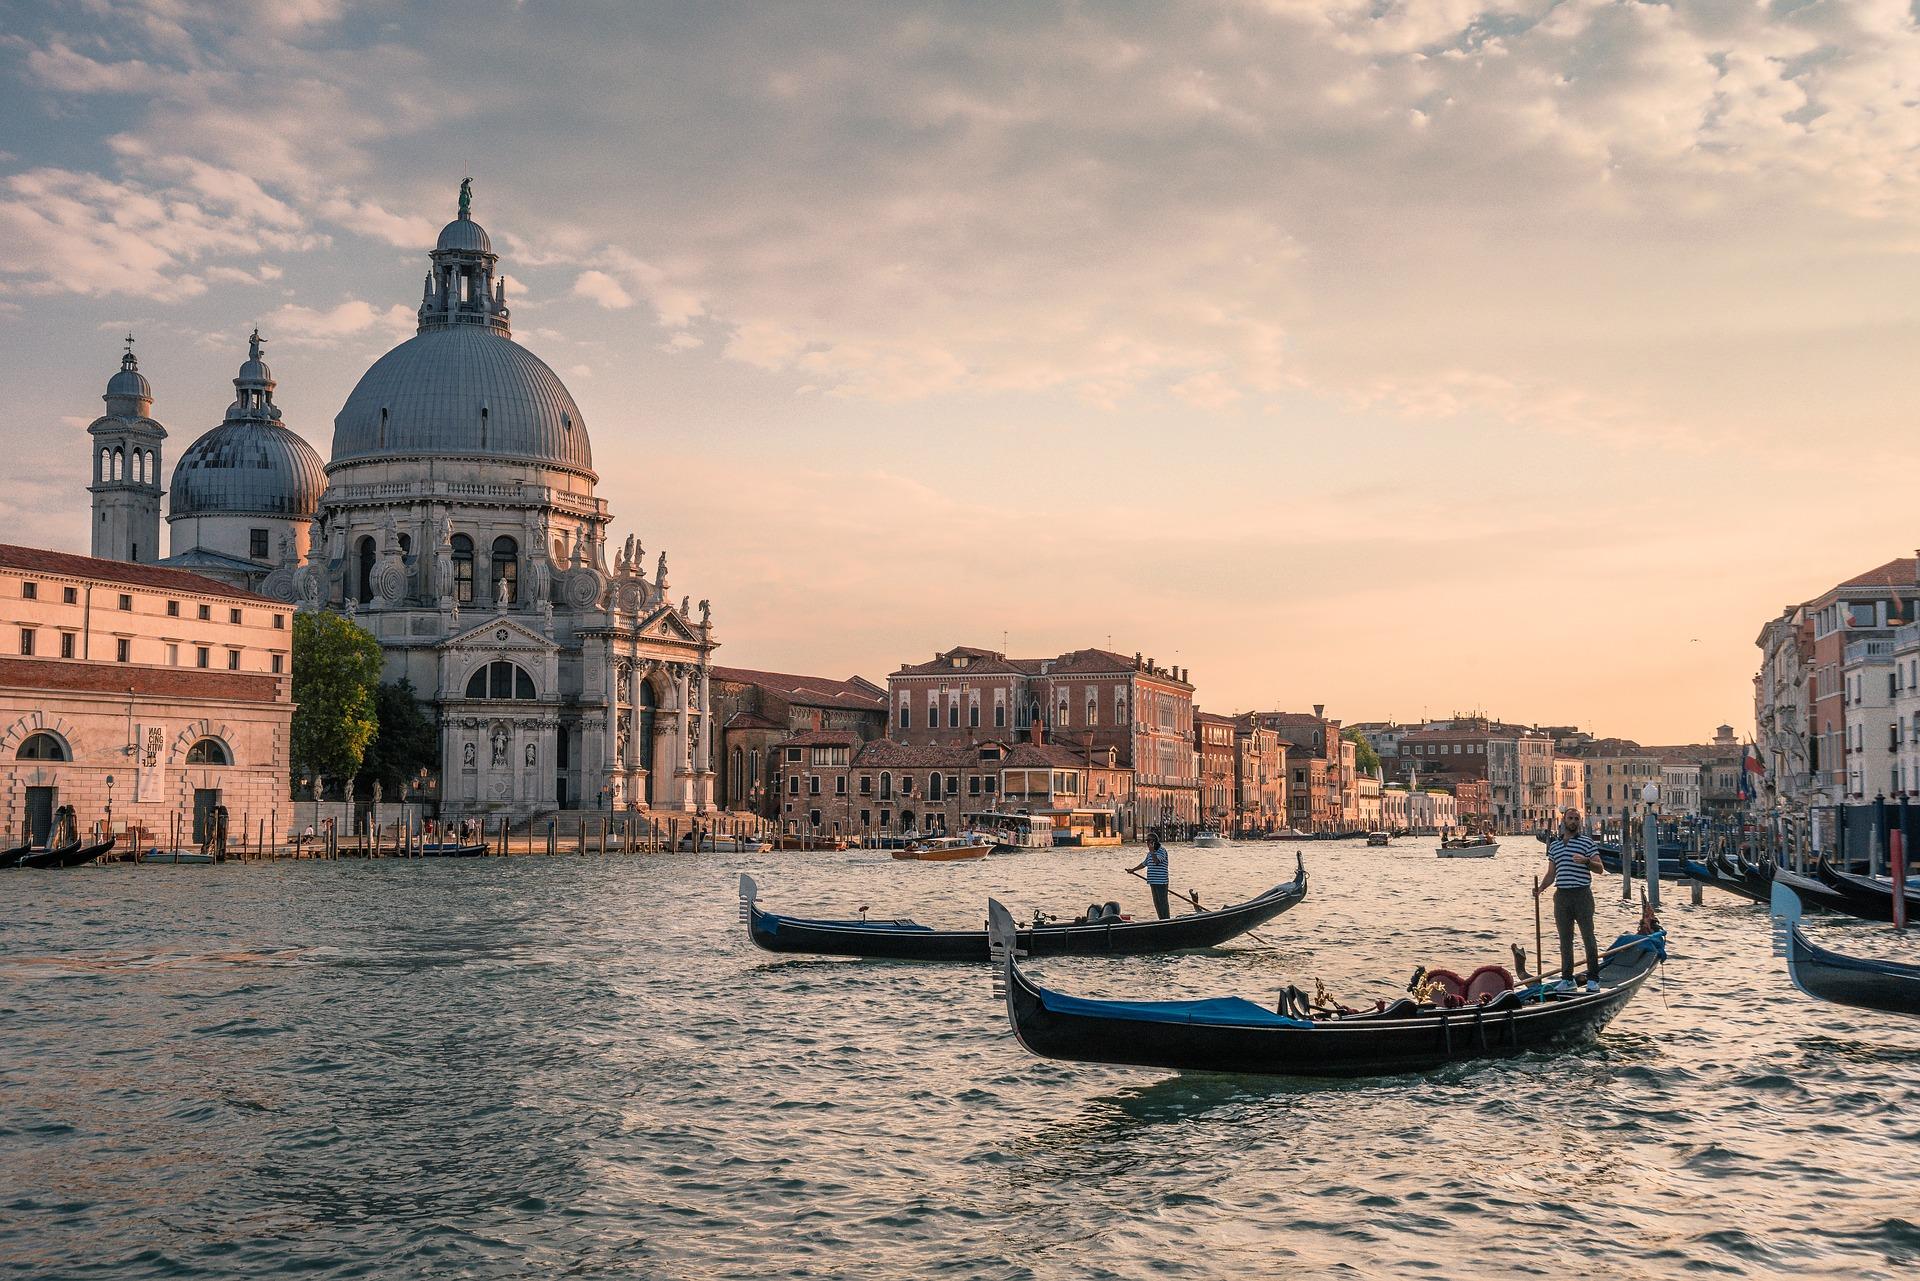 Готель Terme Due Torri є ідеальним місцем для знайомства з Венецією, регіоном Венето і іншими дивовижними місцями північної Італії.